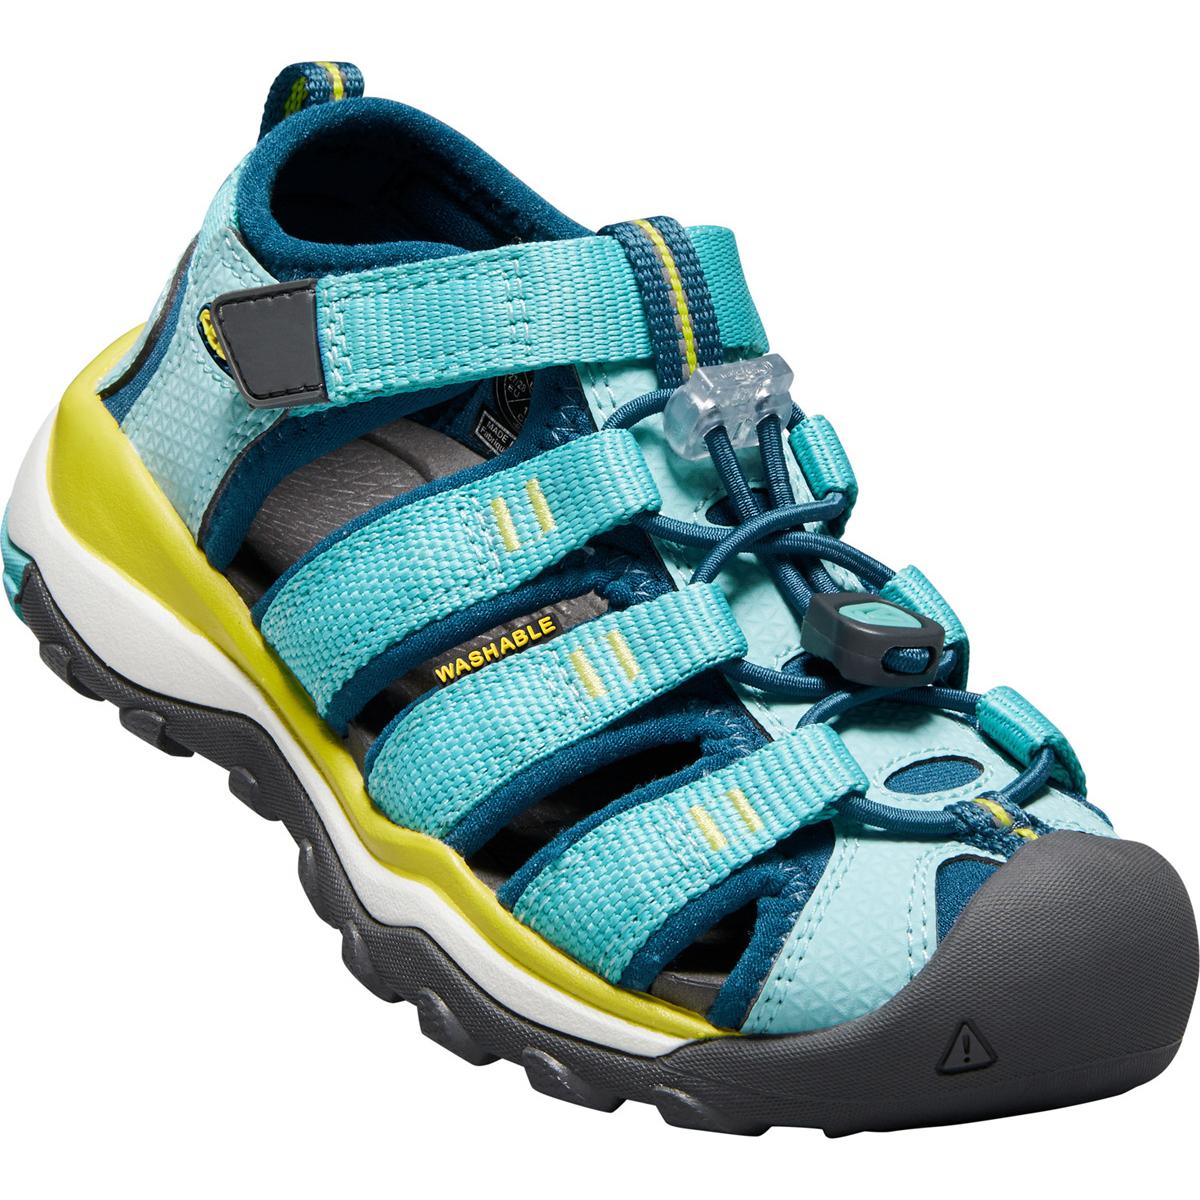 Keen Little Kids' Newport Neo H2 Sandals - Blue, 9